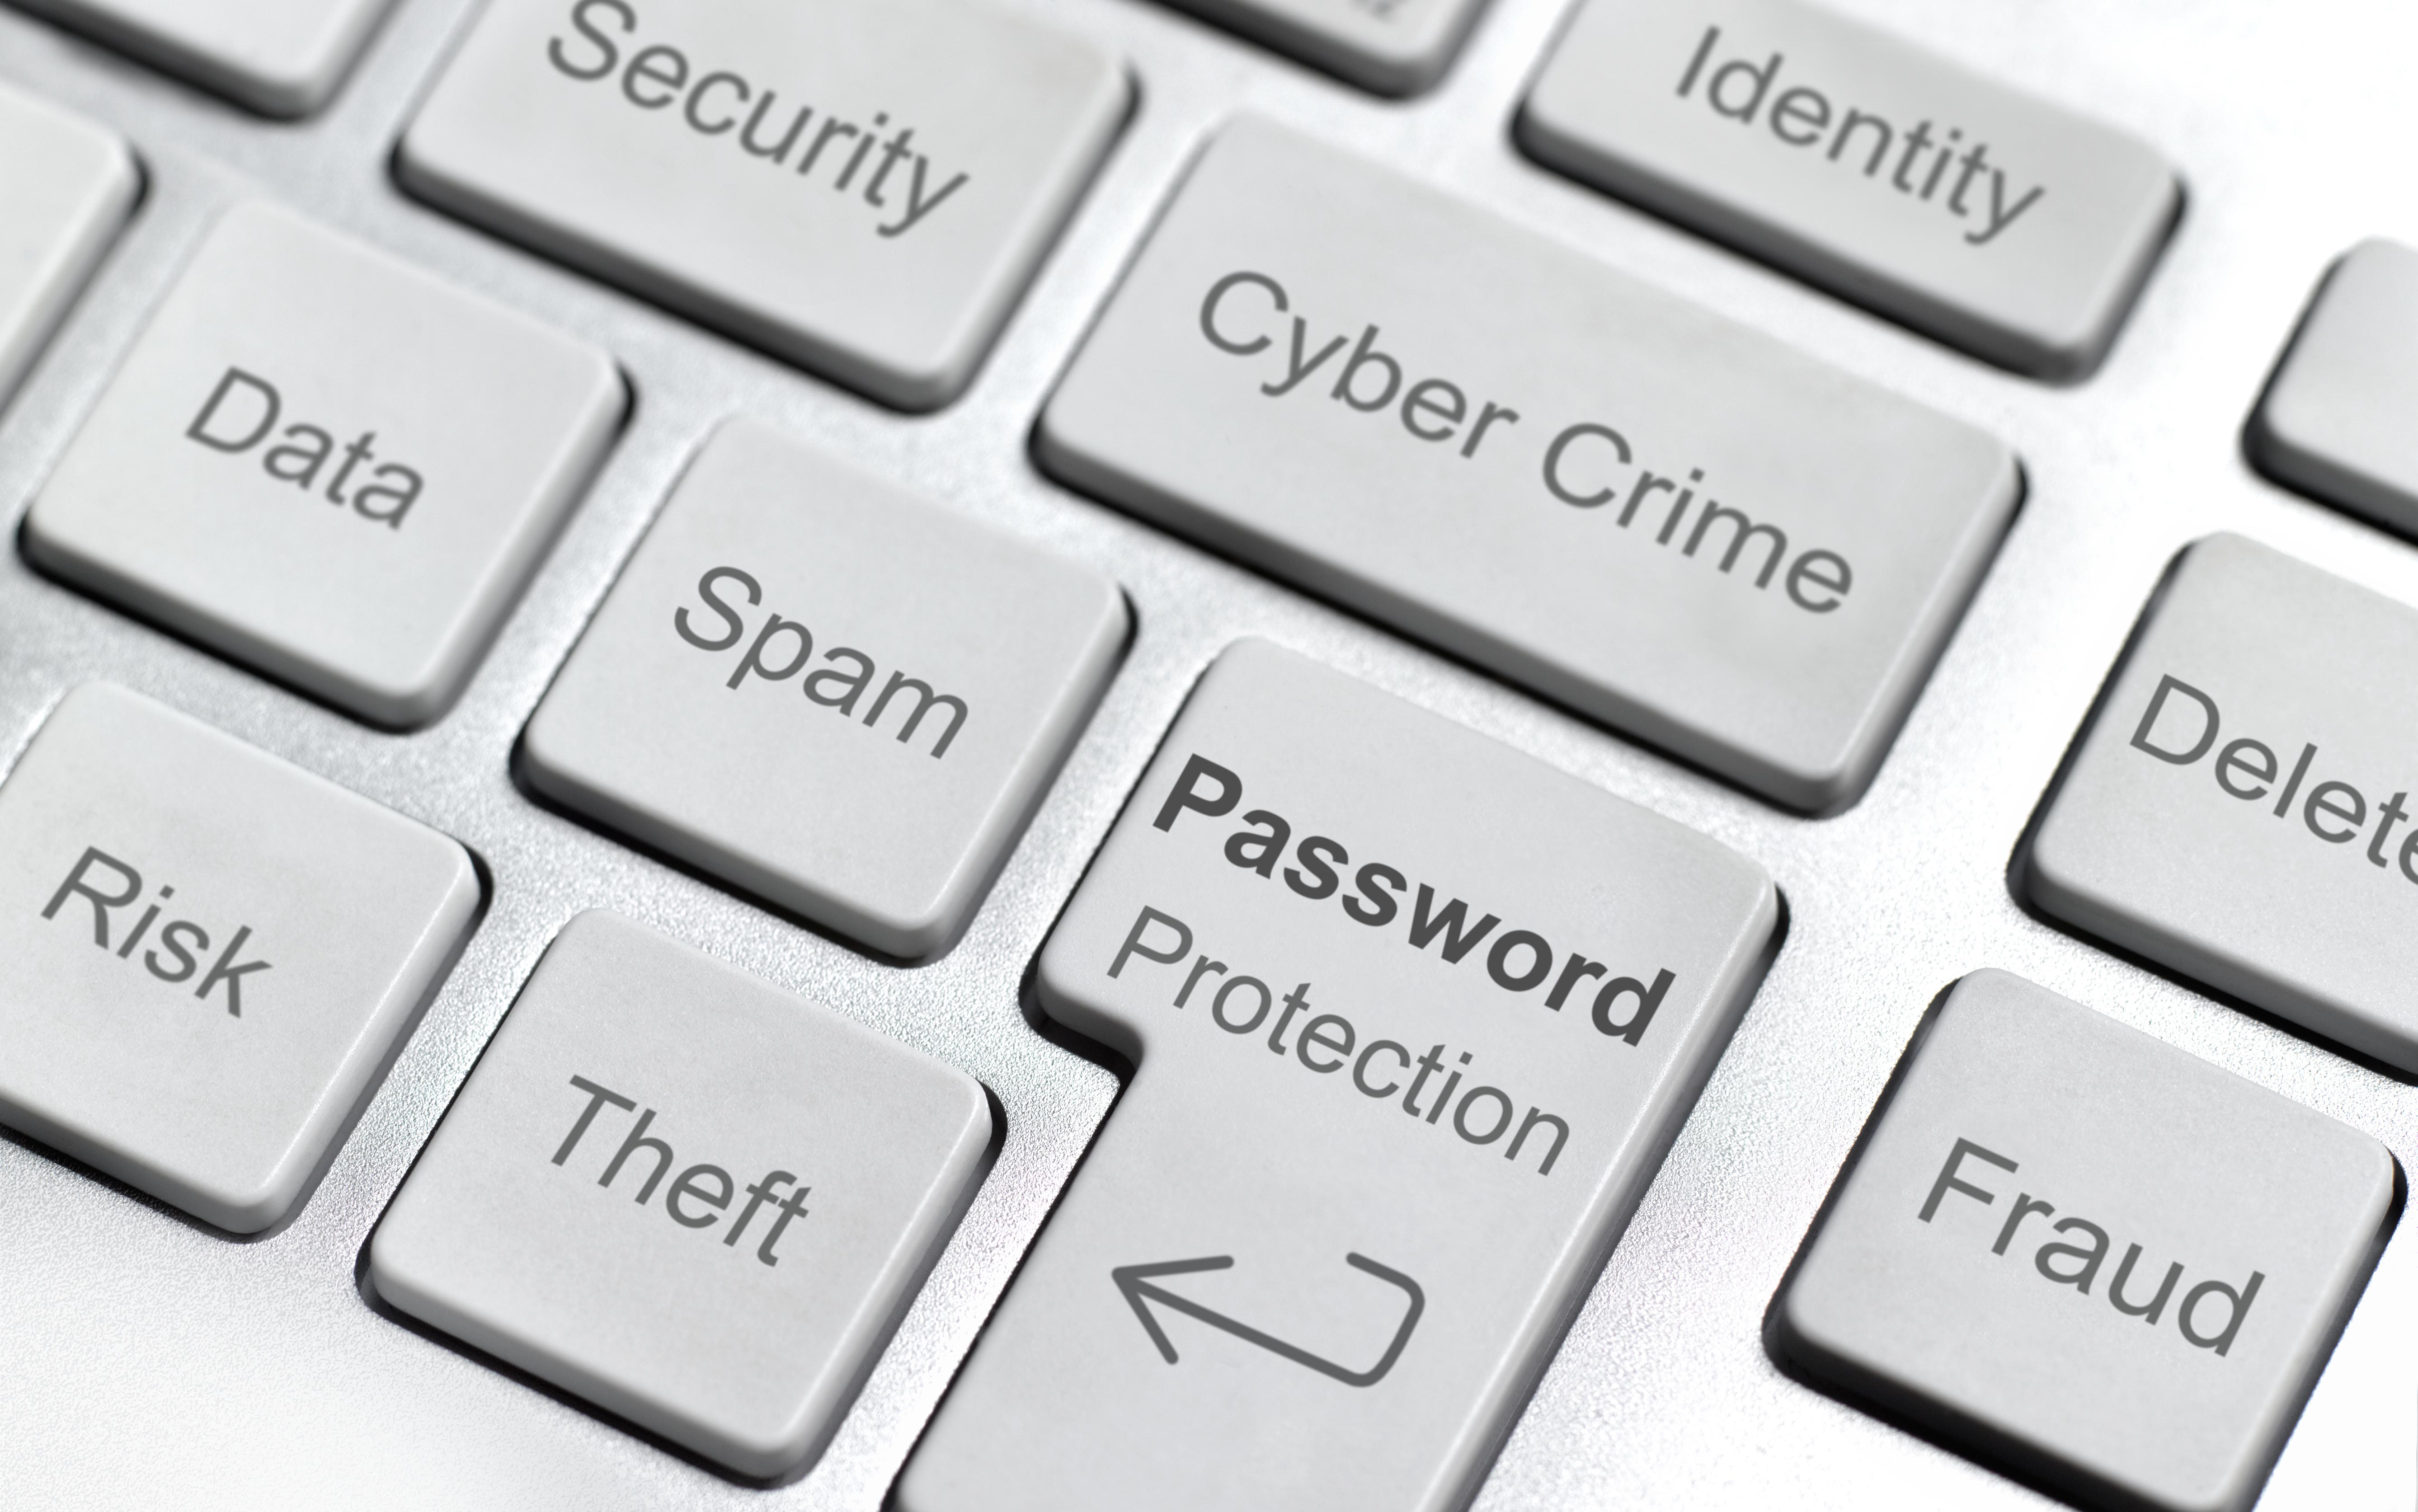 不正ログインを防ぐ!パスワード保存方法のセキュリティ強化とその難点